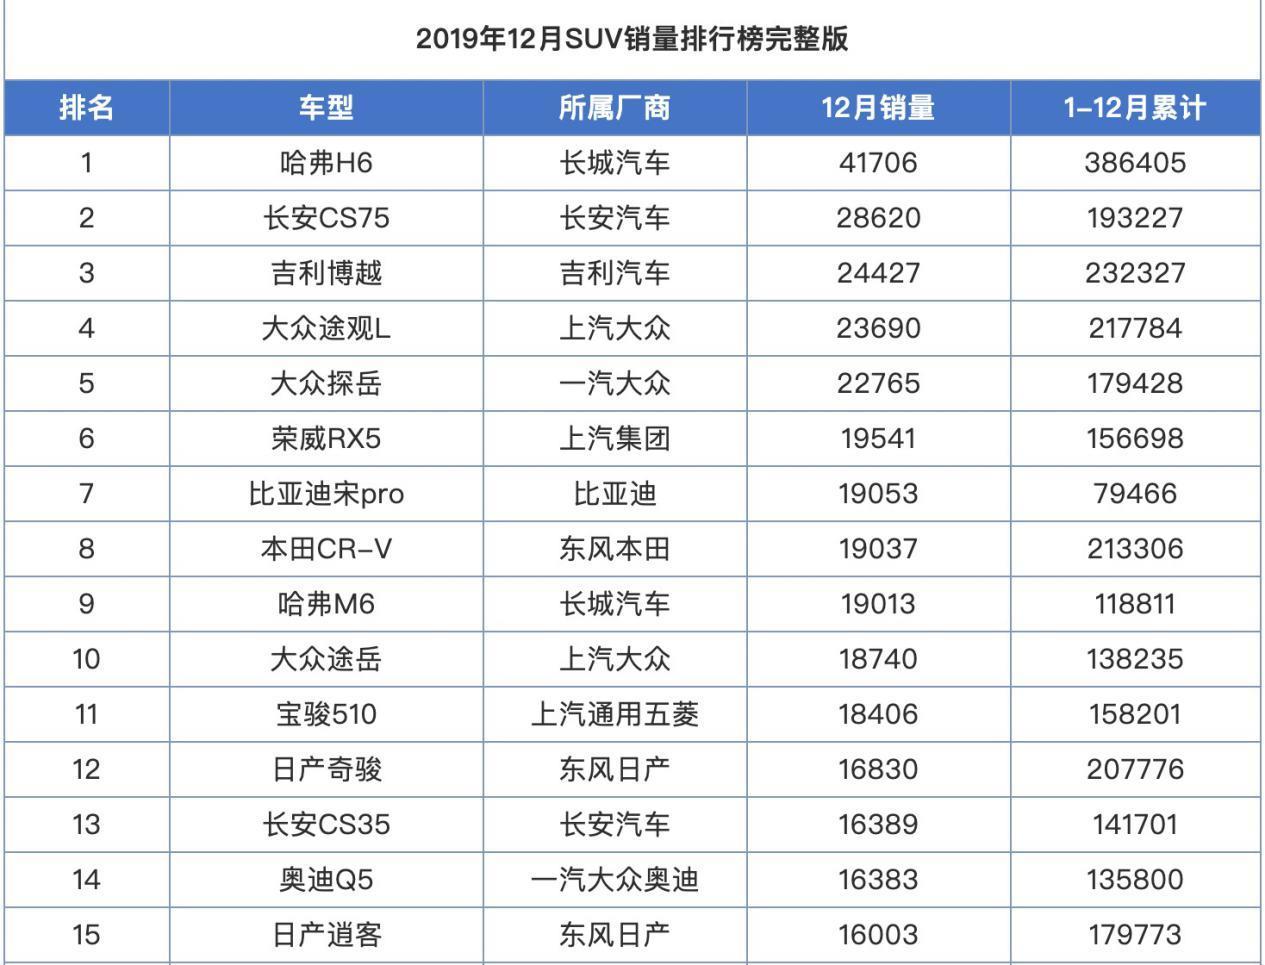 2019年度销量:雅阁险胜帕萨特,本田CR-V逆势上涨